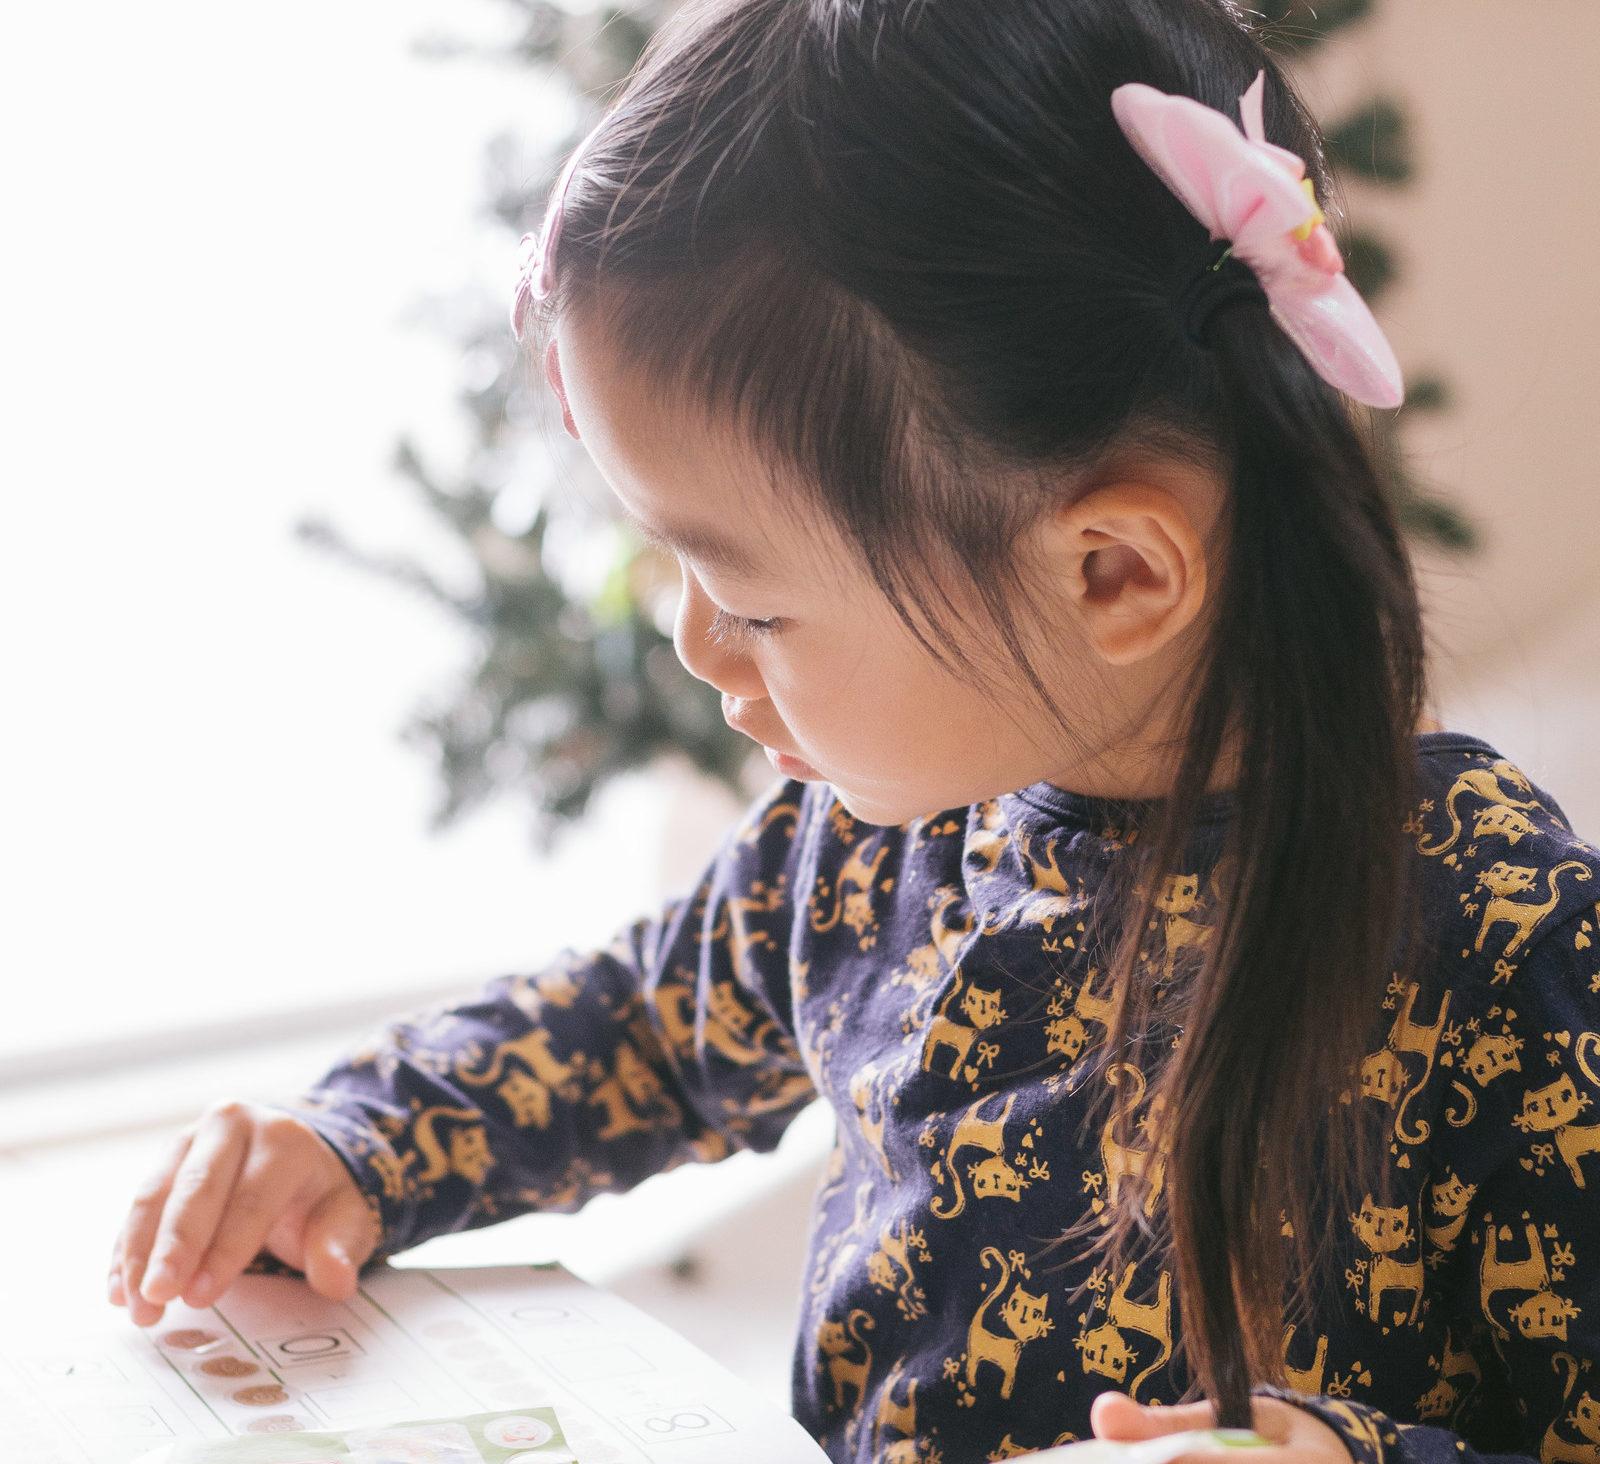 10歳までにお金の知識が付くマネースクール「ワオナス」の評判・口コミを調査!